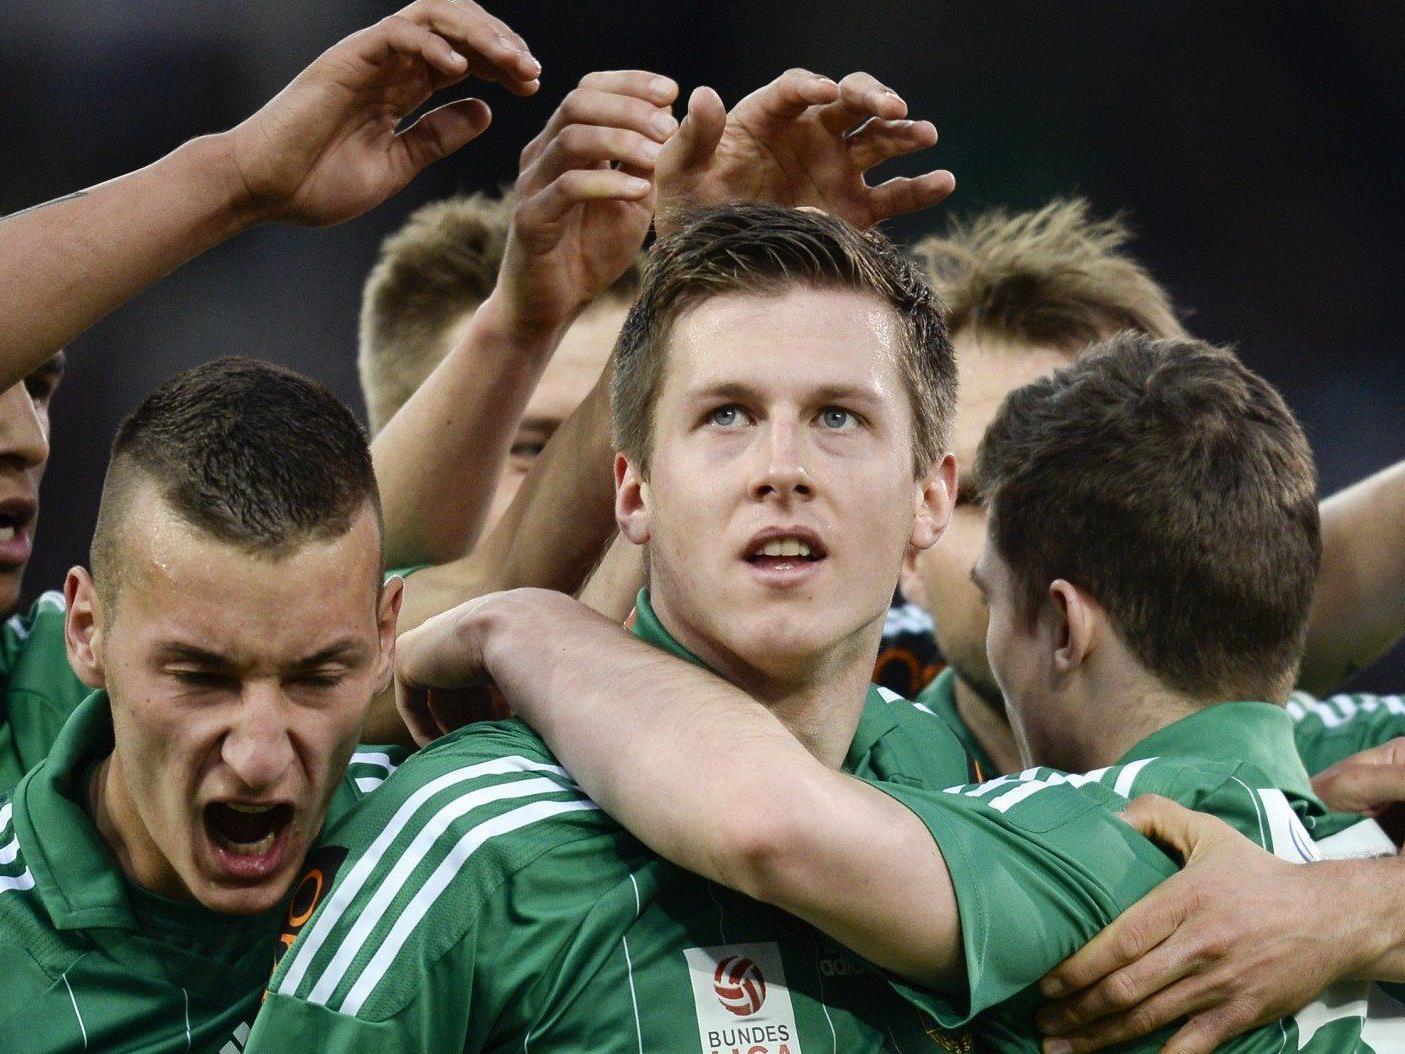 Wir berichten am Samstag ab 16.30 Uhr live vom Spiel SK Rapid Wien gegen SC Wiener Neustadt im Live-Ticker.